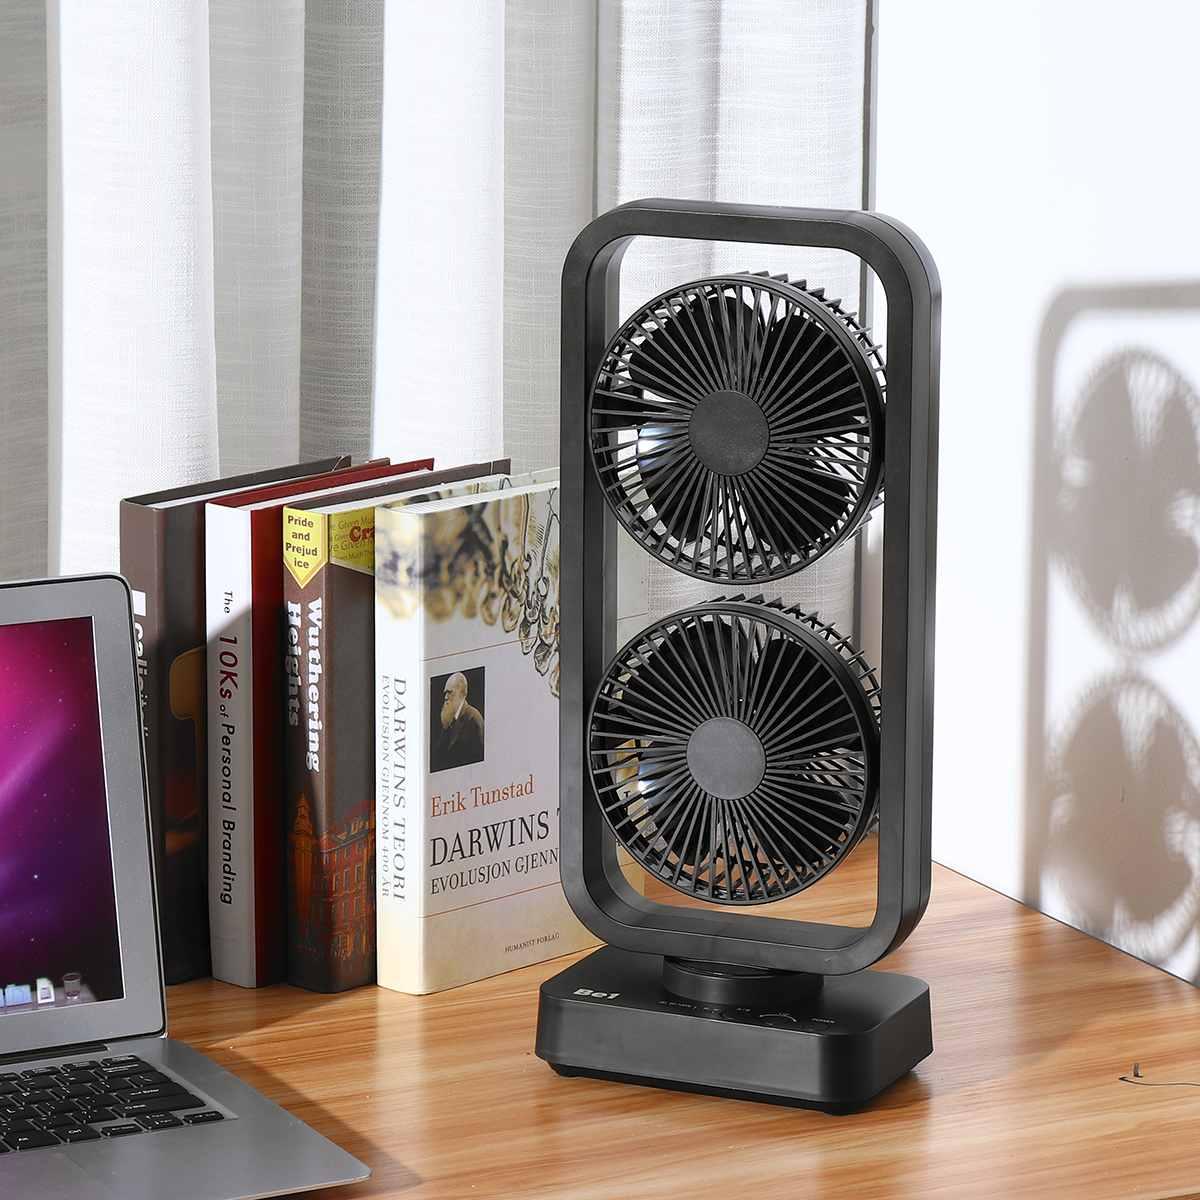 Double Tour Ventilateur ventilateur usb Secouant La Tête 10000 mAh batterie rechargeable De Bureau Bureau 40 cm x 17 cm x 10.7 cm